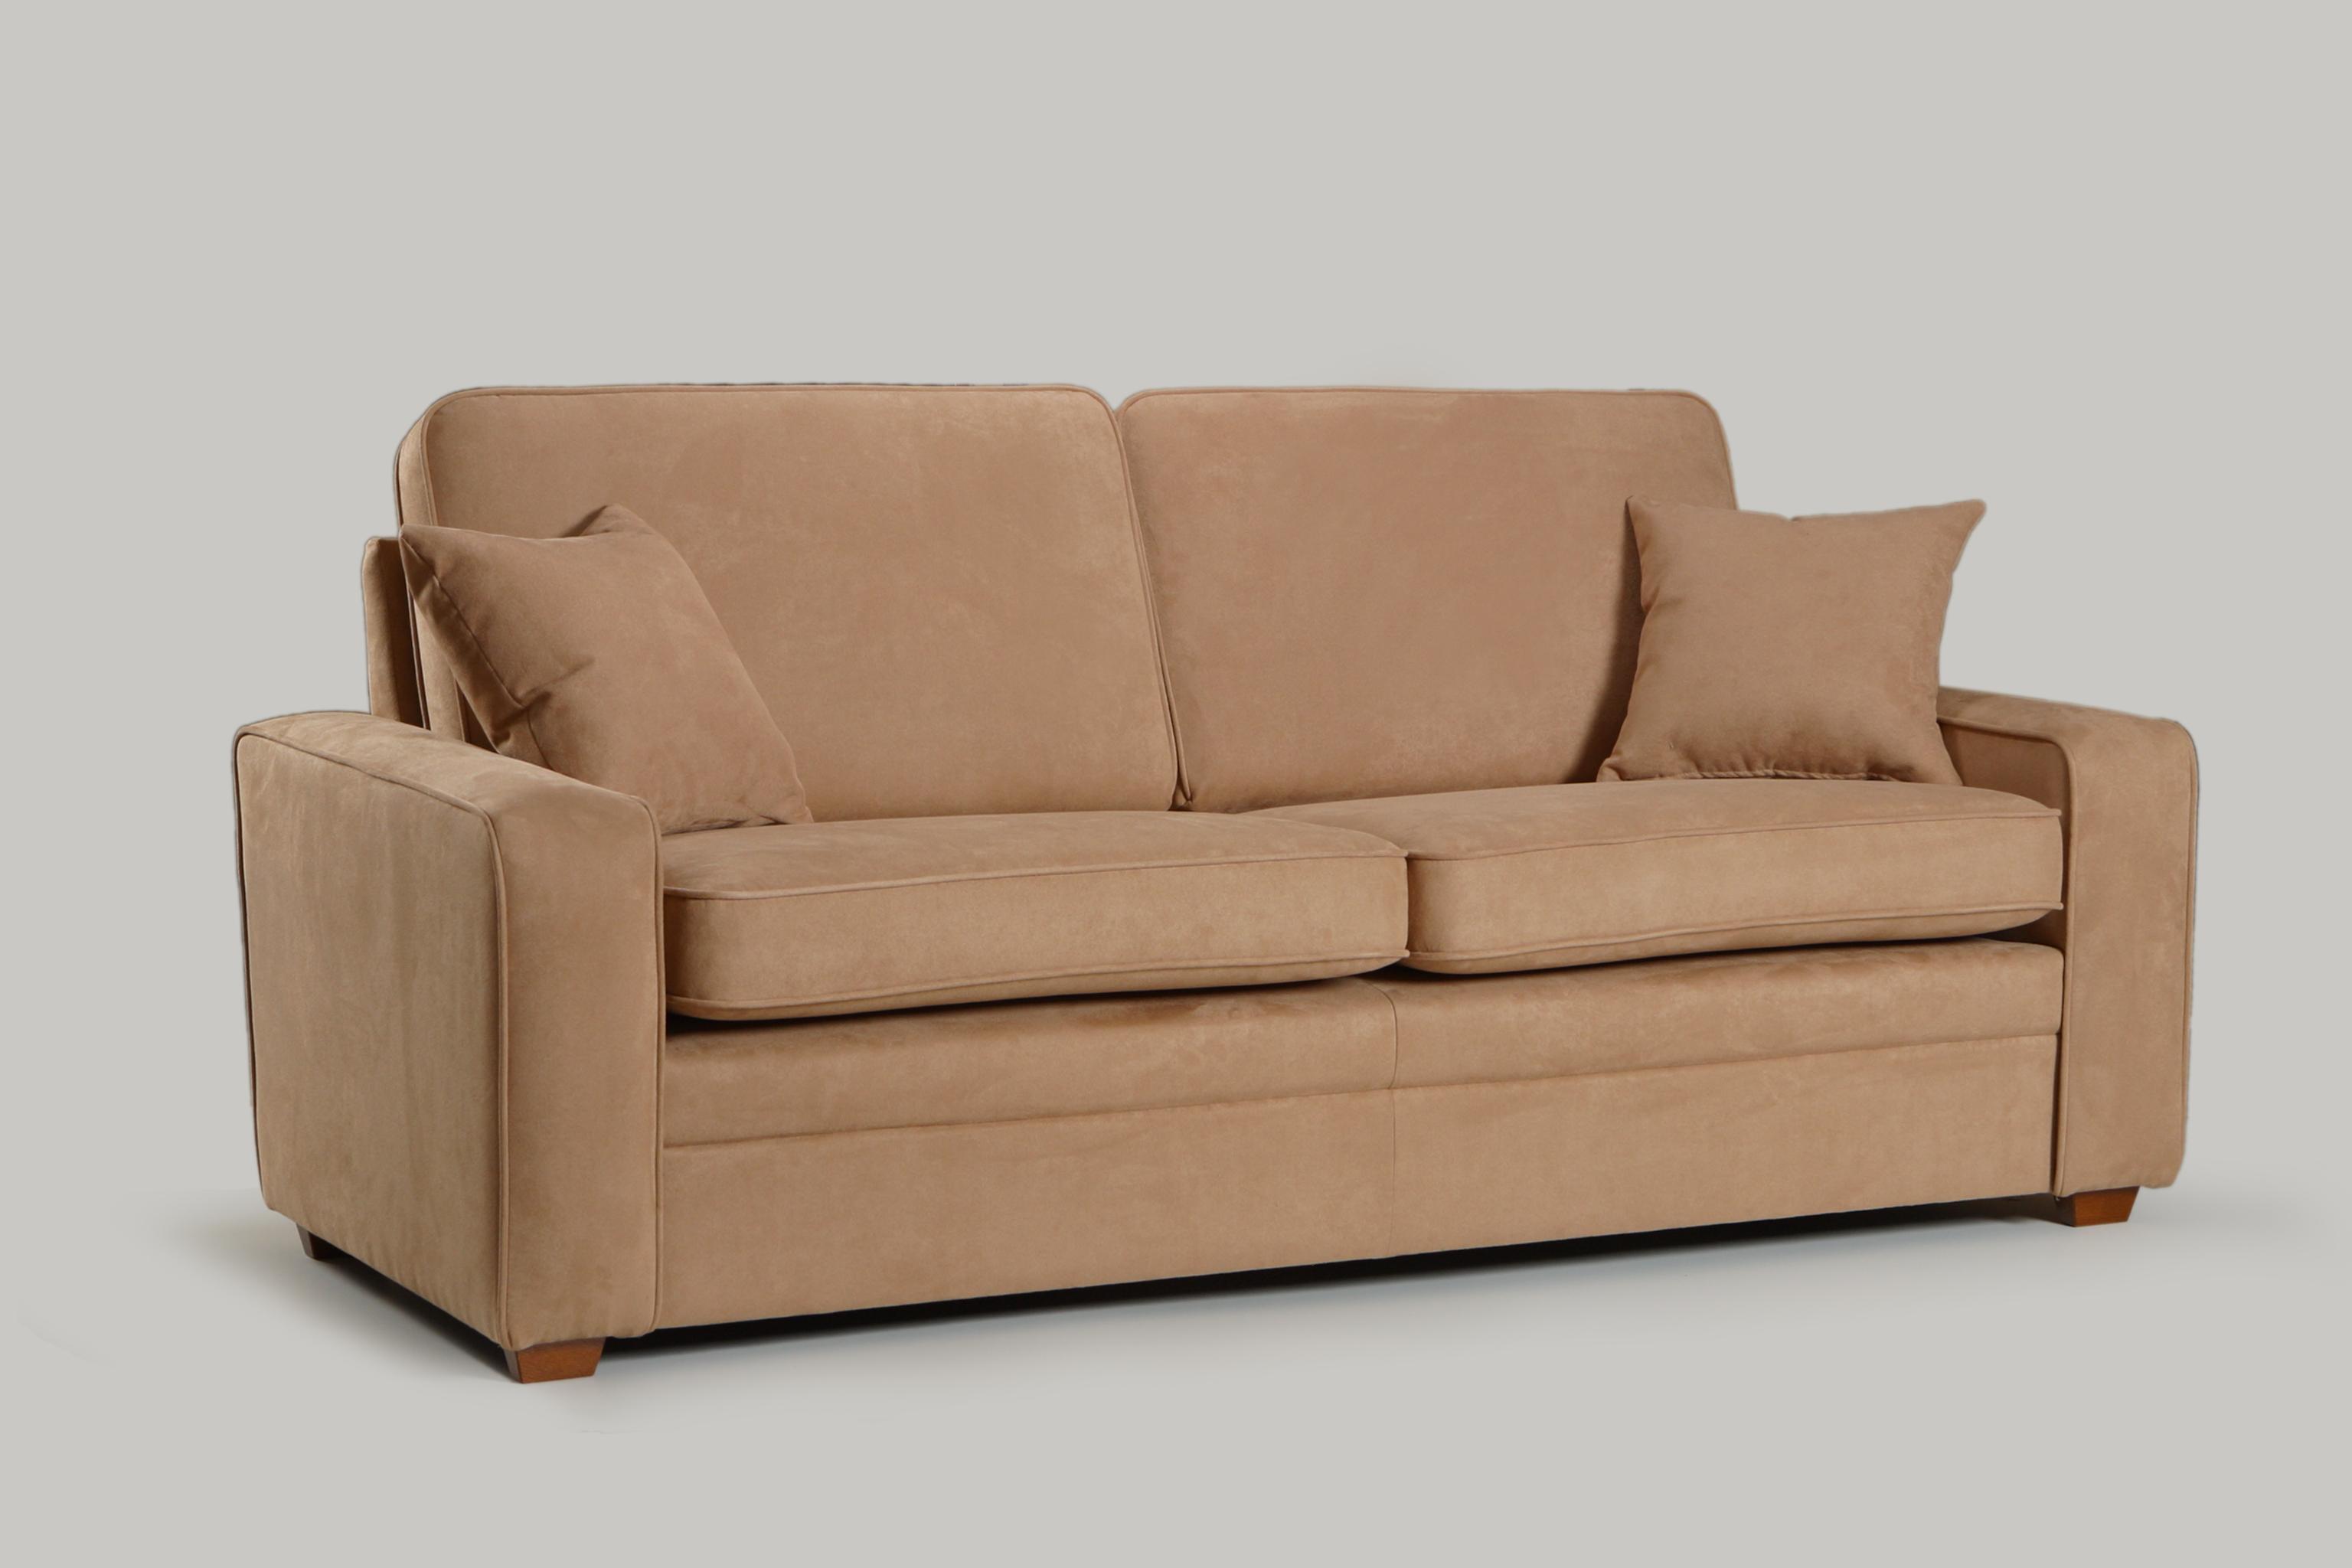 Canapea fixa 3 locuri tapitata cu stofa Mars